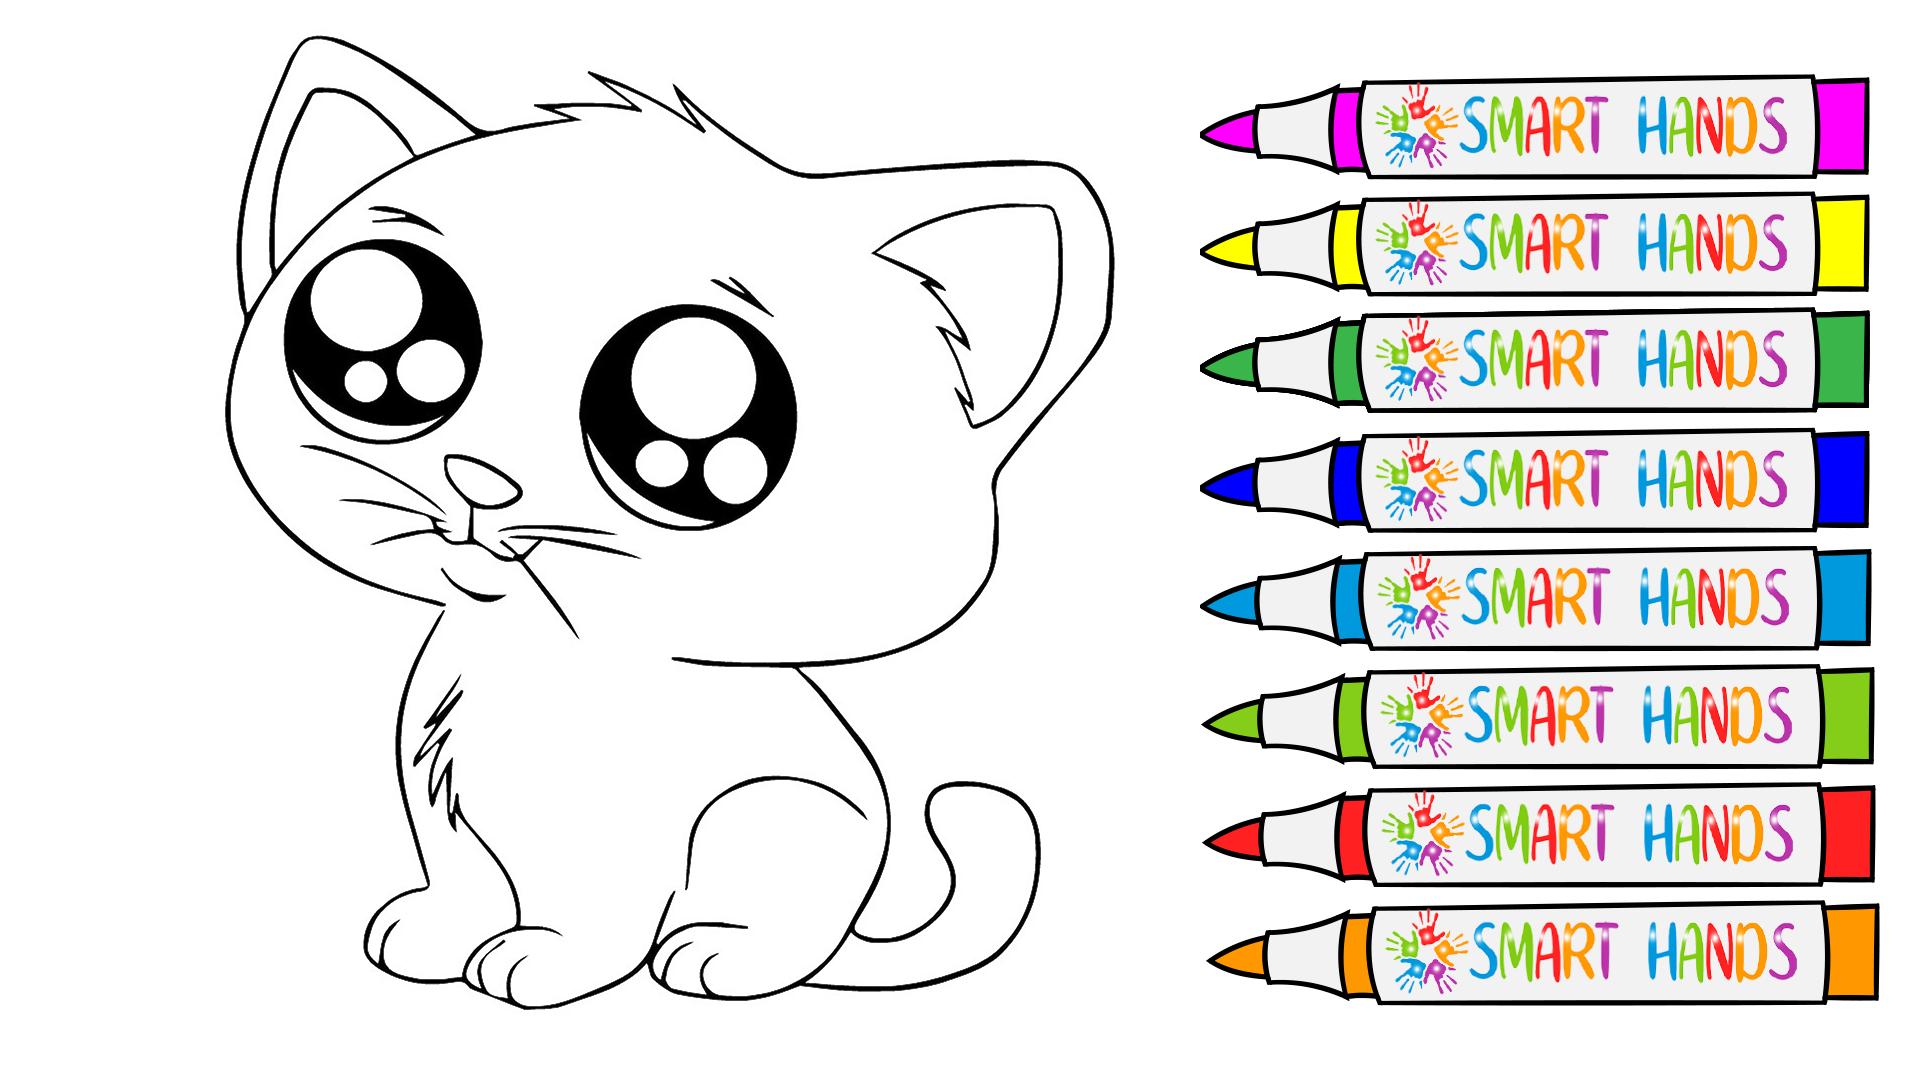 раскрасить котика любимыми красками, Раскраска кошечка ...